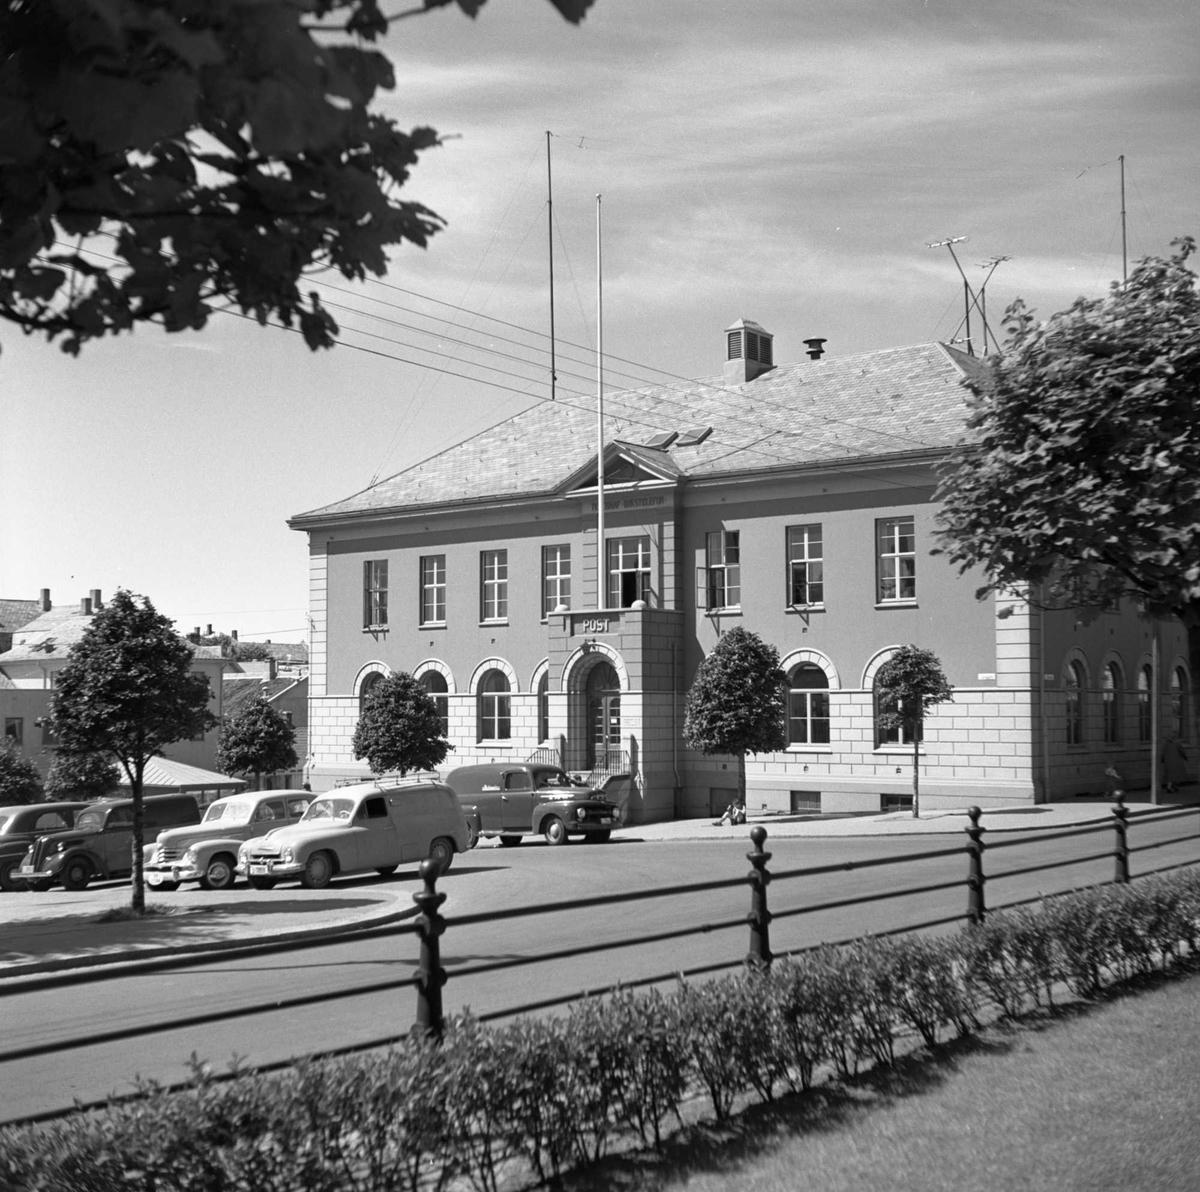 Posthuset i Torggt. Flere biler til v. for bygningen. Bildet tatt fra plenen utenfor Vår Frelsers kirke.